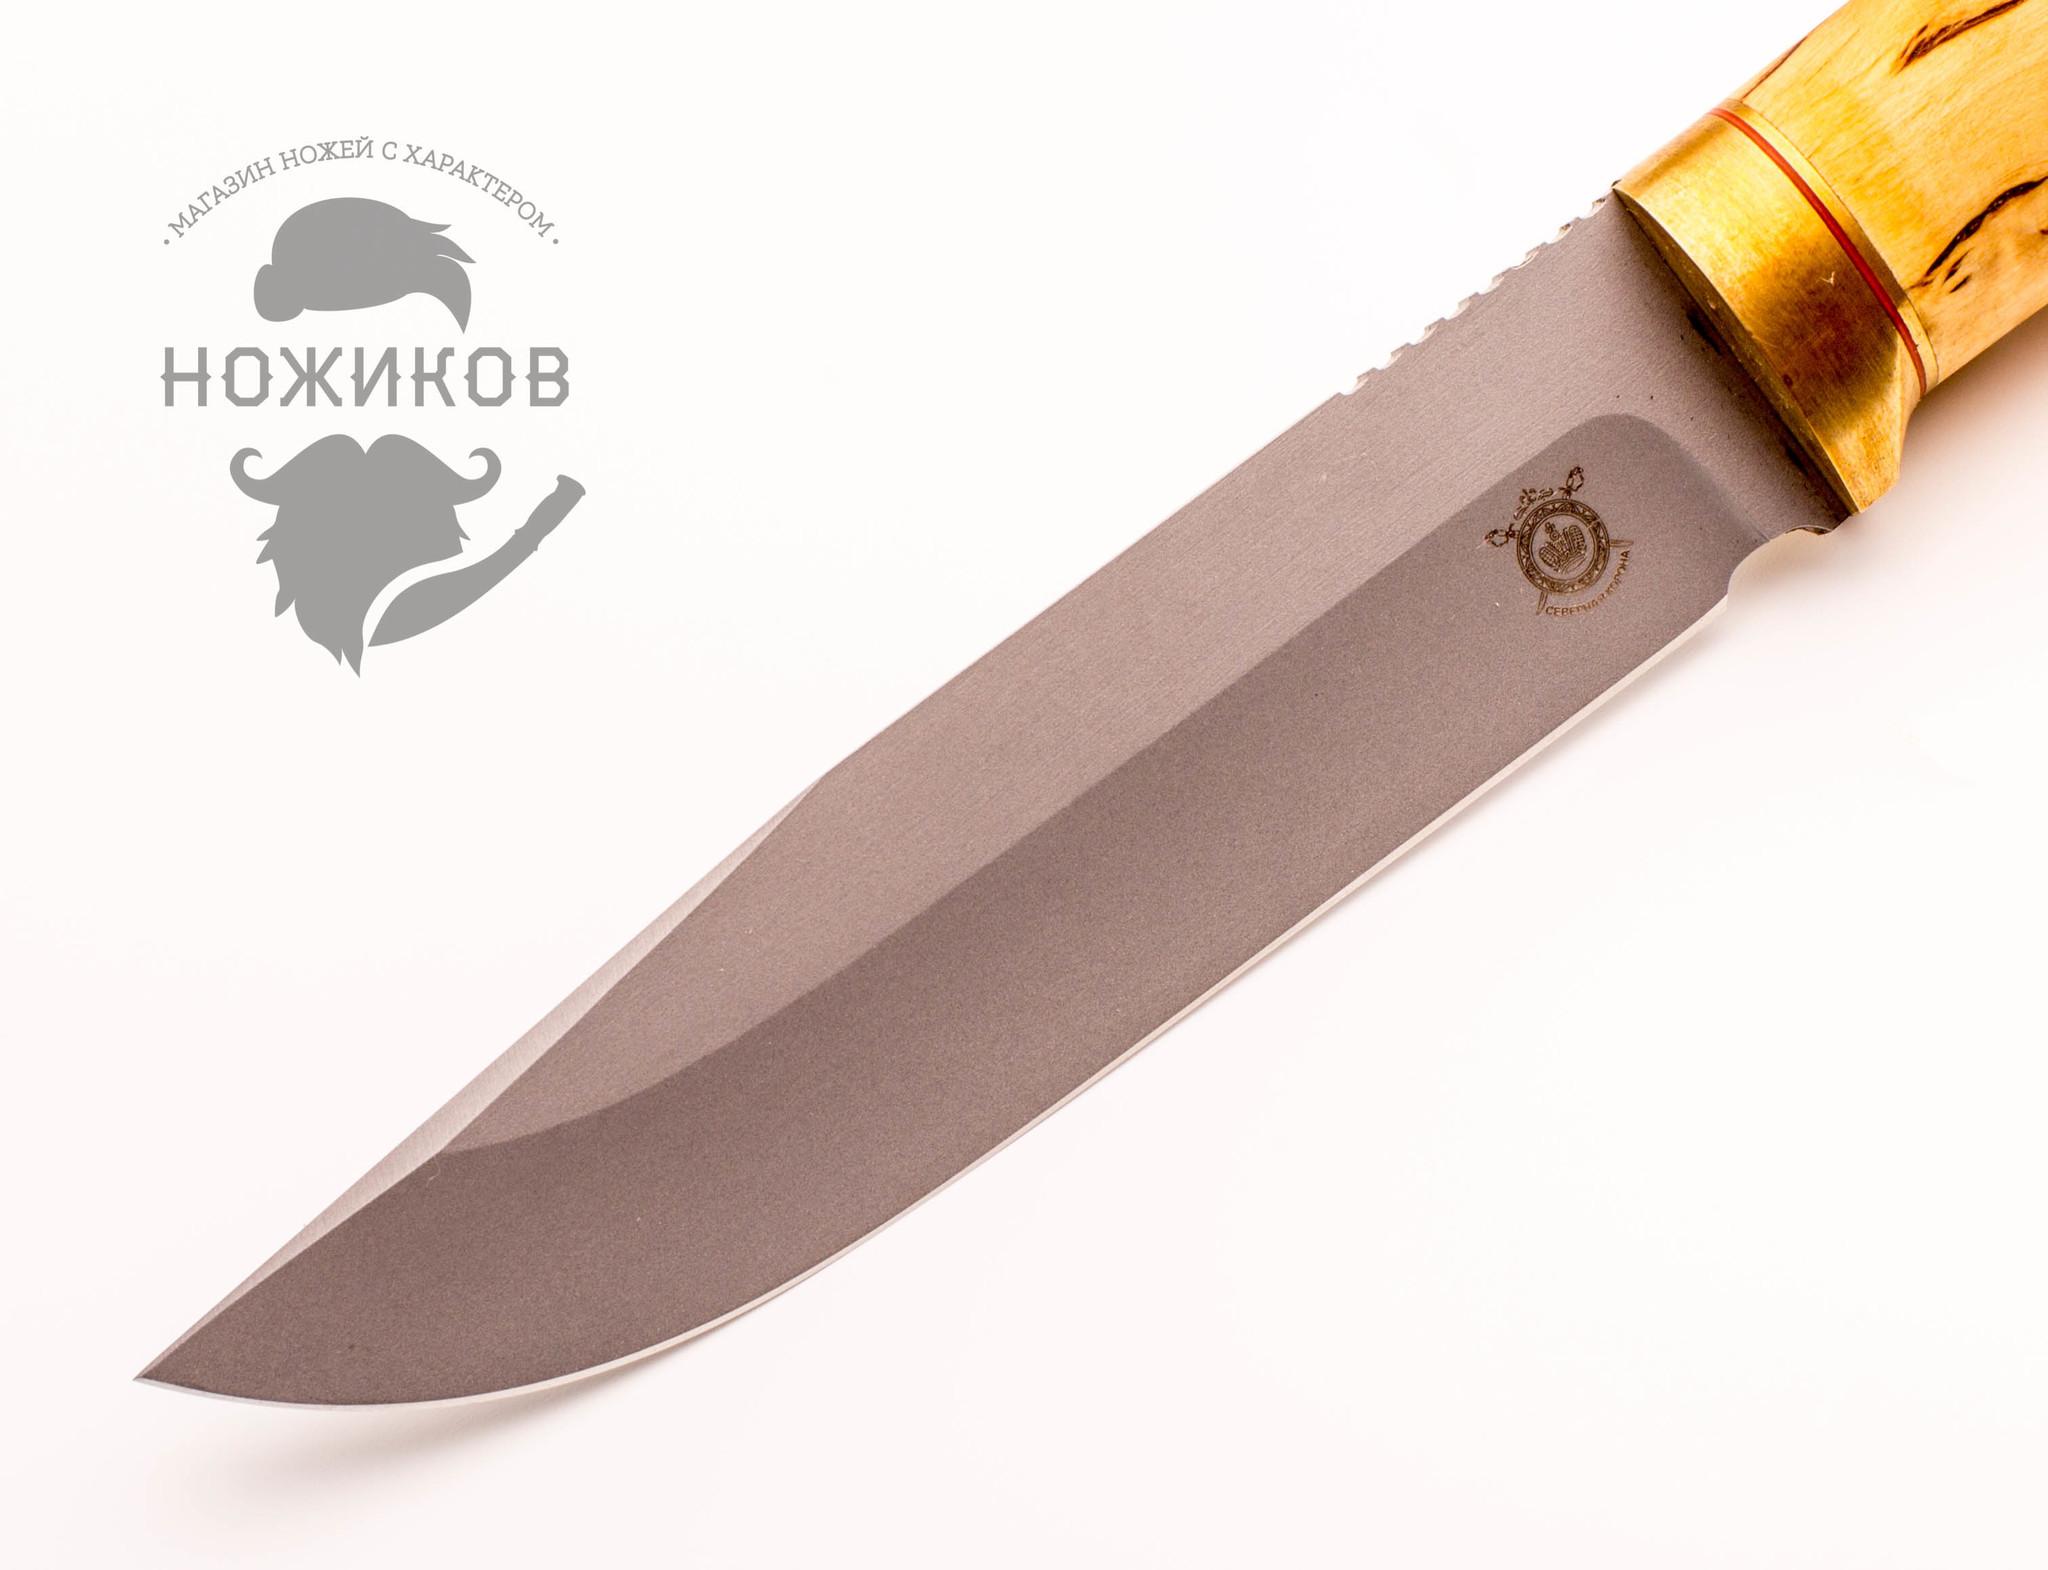 Фото 5 - Нож Оцелот, карельская береза от Северная корона